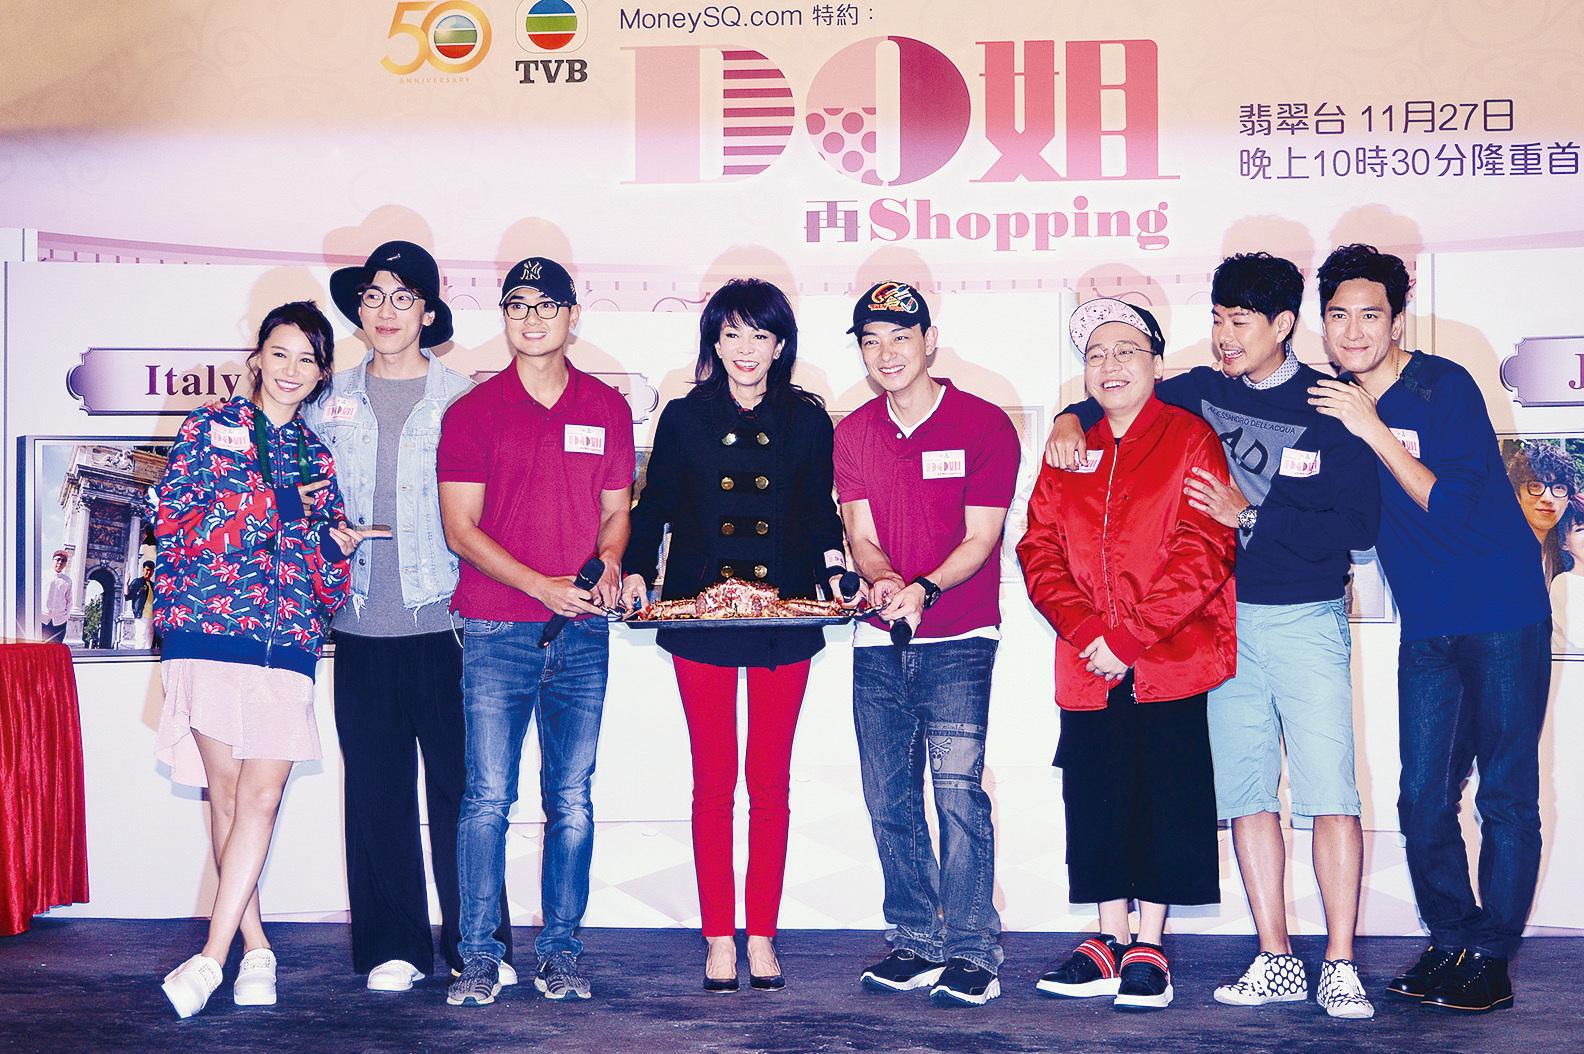 鄭裕玲(左四)主持新一輯《Do姐再Shopping》大合照。(宋碧龍/大紀元)